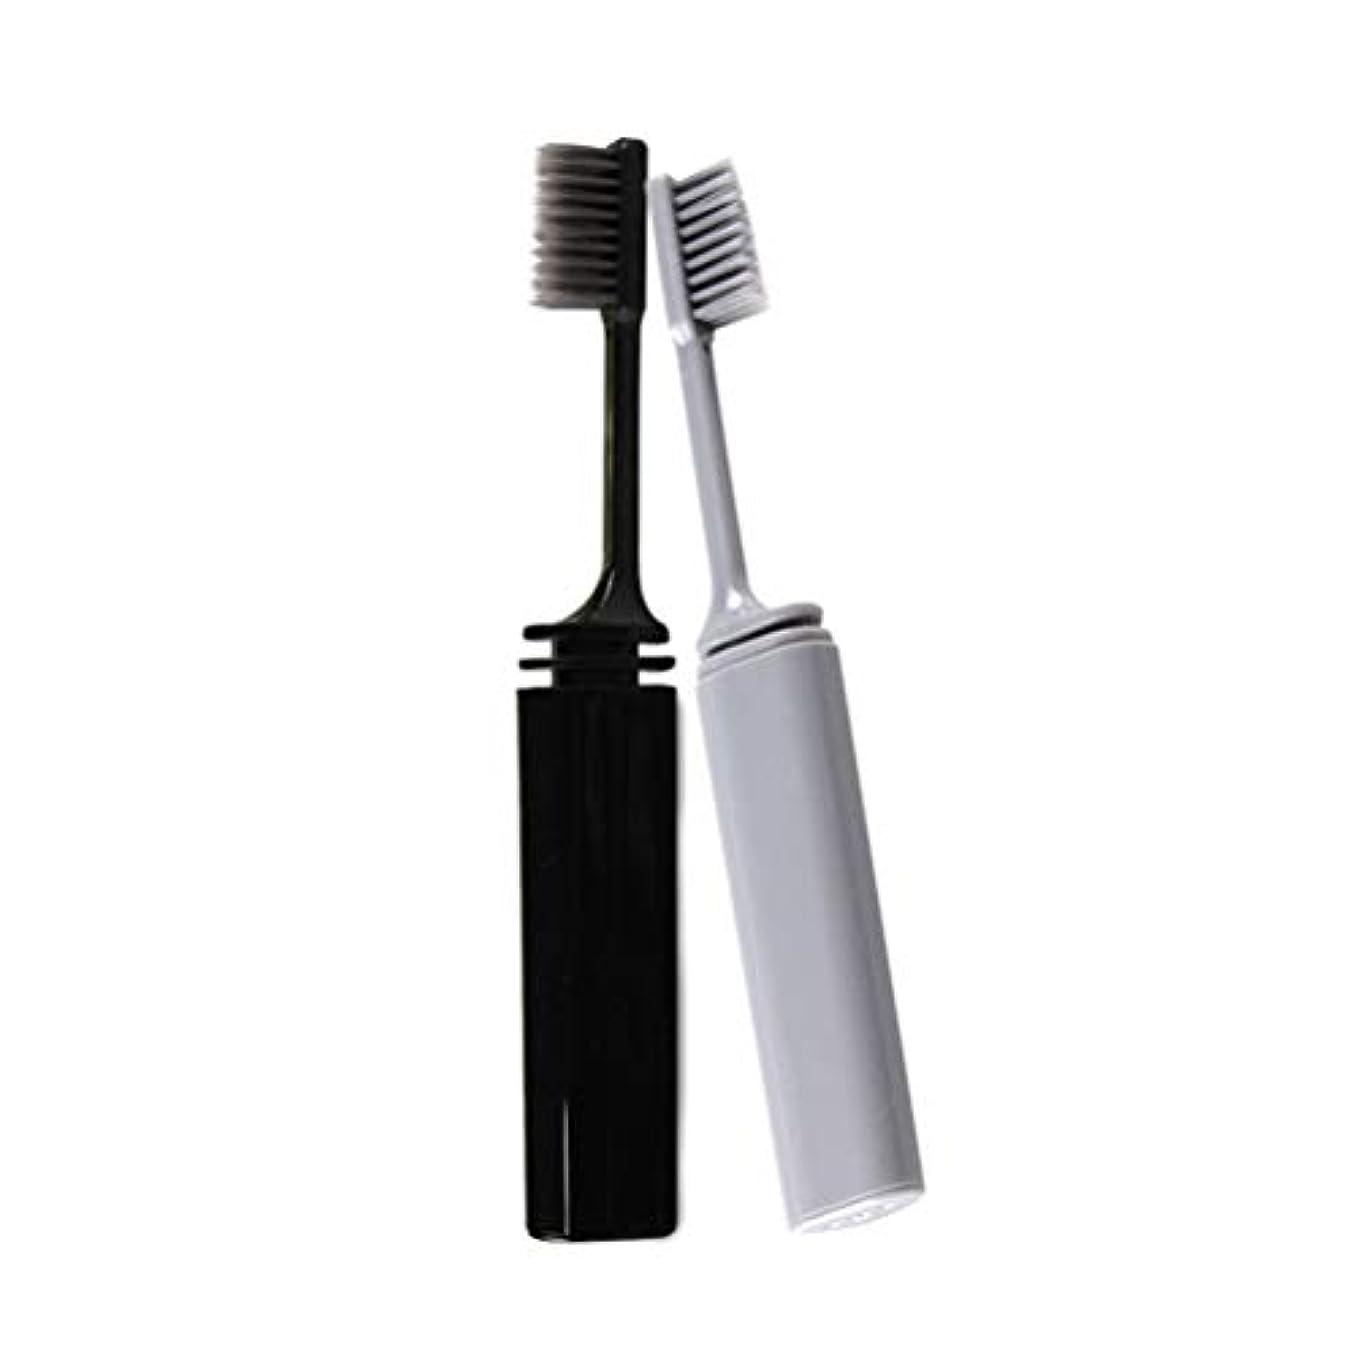 安息着替える系譜SUPVOX 2本旅行歯ブラシポータブル折りたたみ竹炭柔らかい剛毛歯ブラシ(グレーブラック)